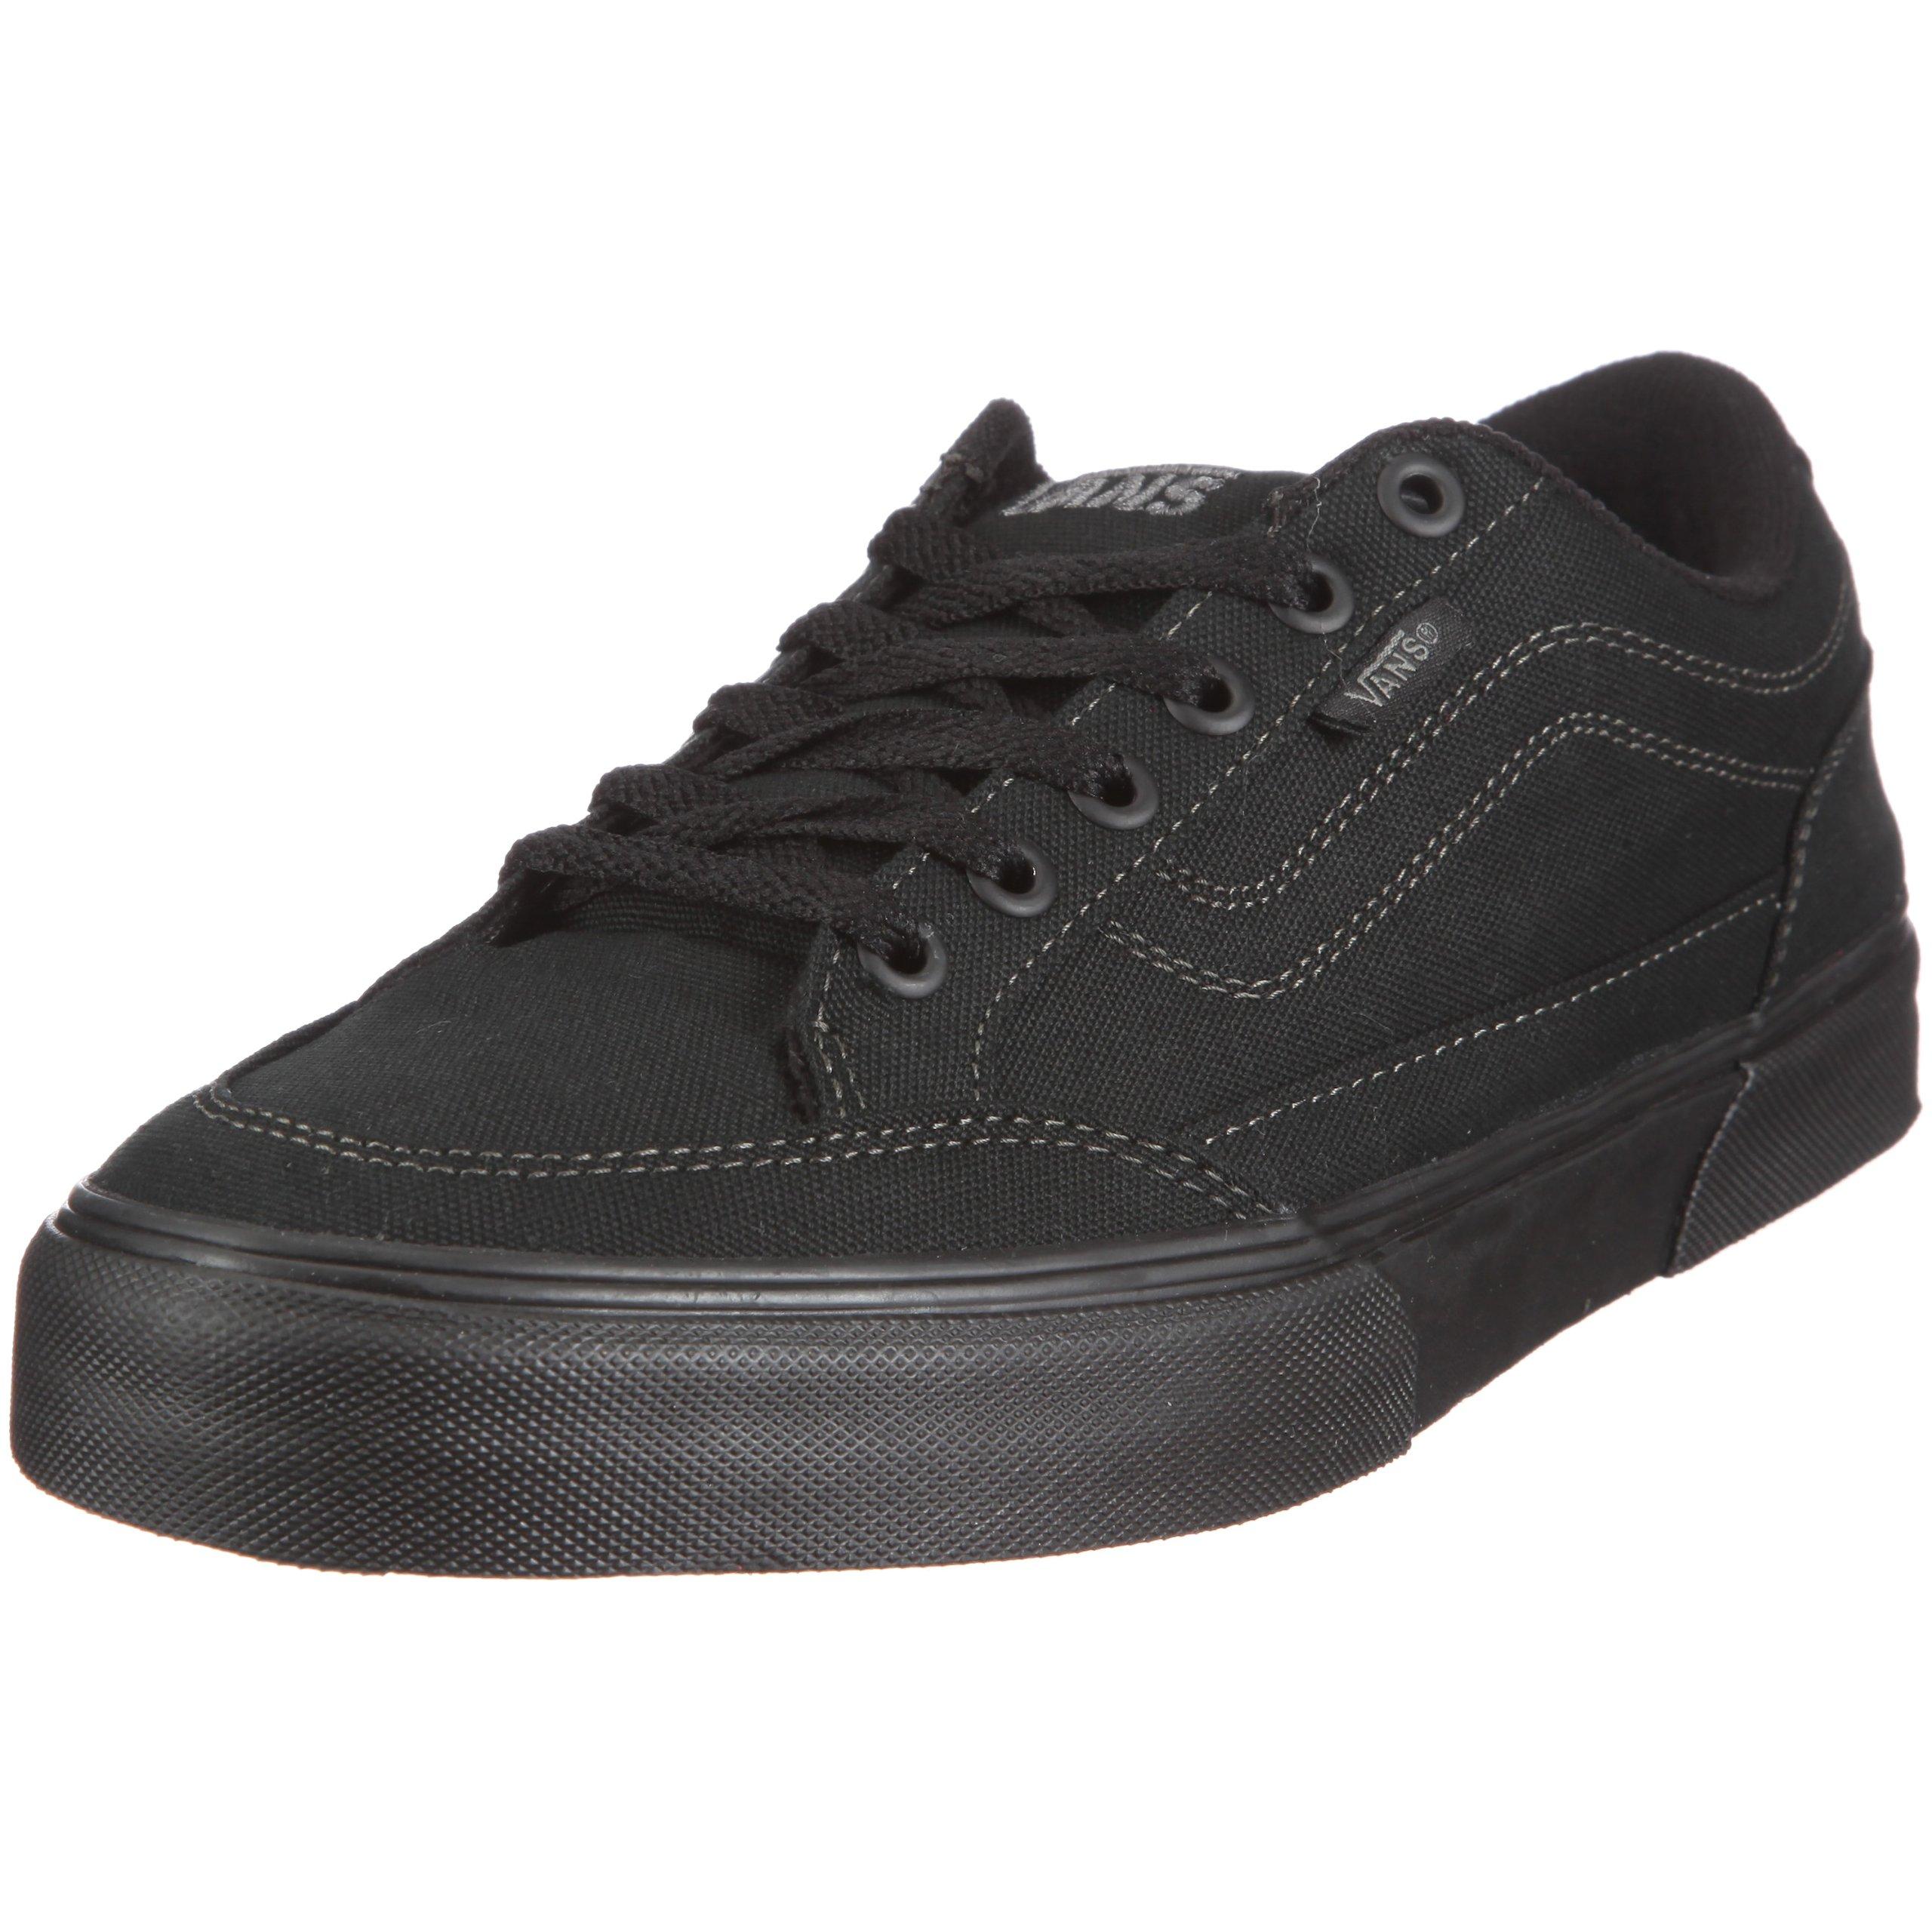 Vans Men Bearcat Sneakers Skate Shoes (6.5, (Canvas) Black/Black)